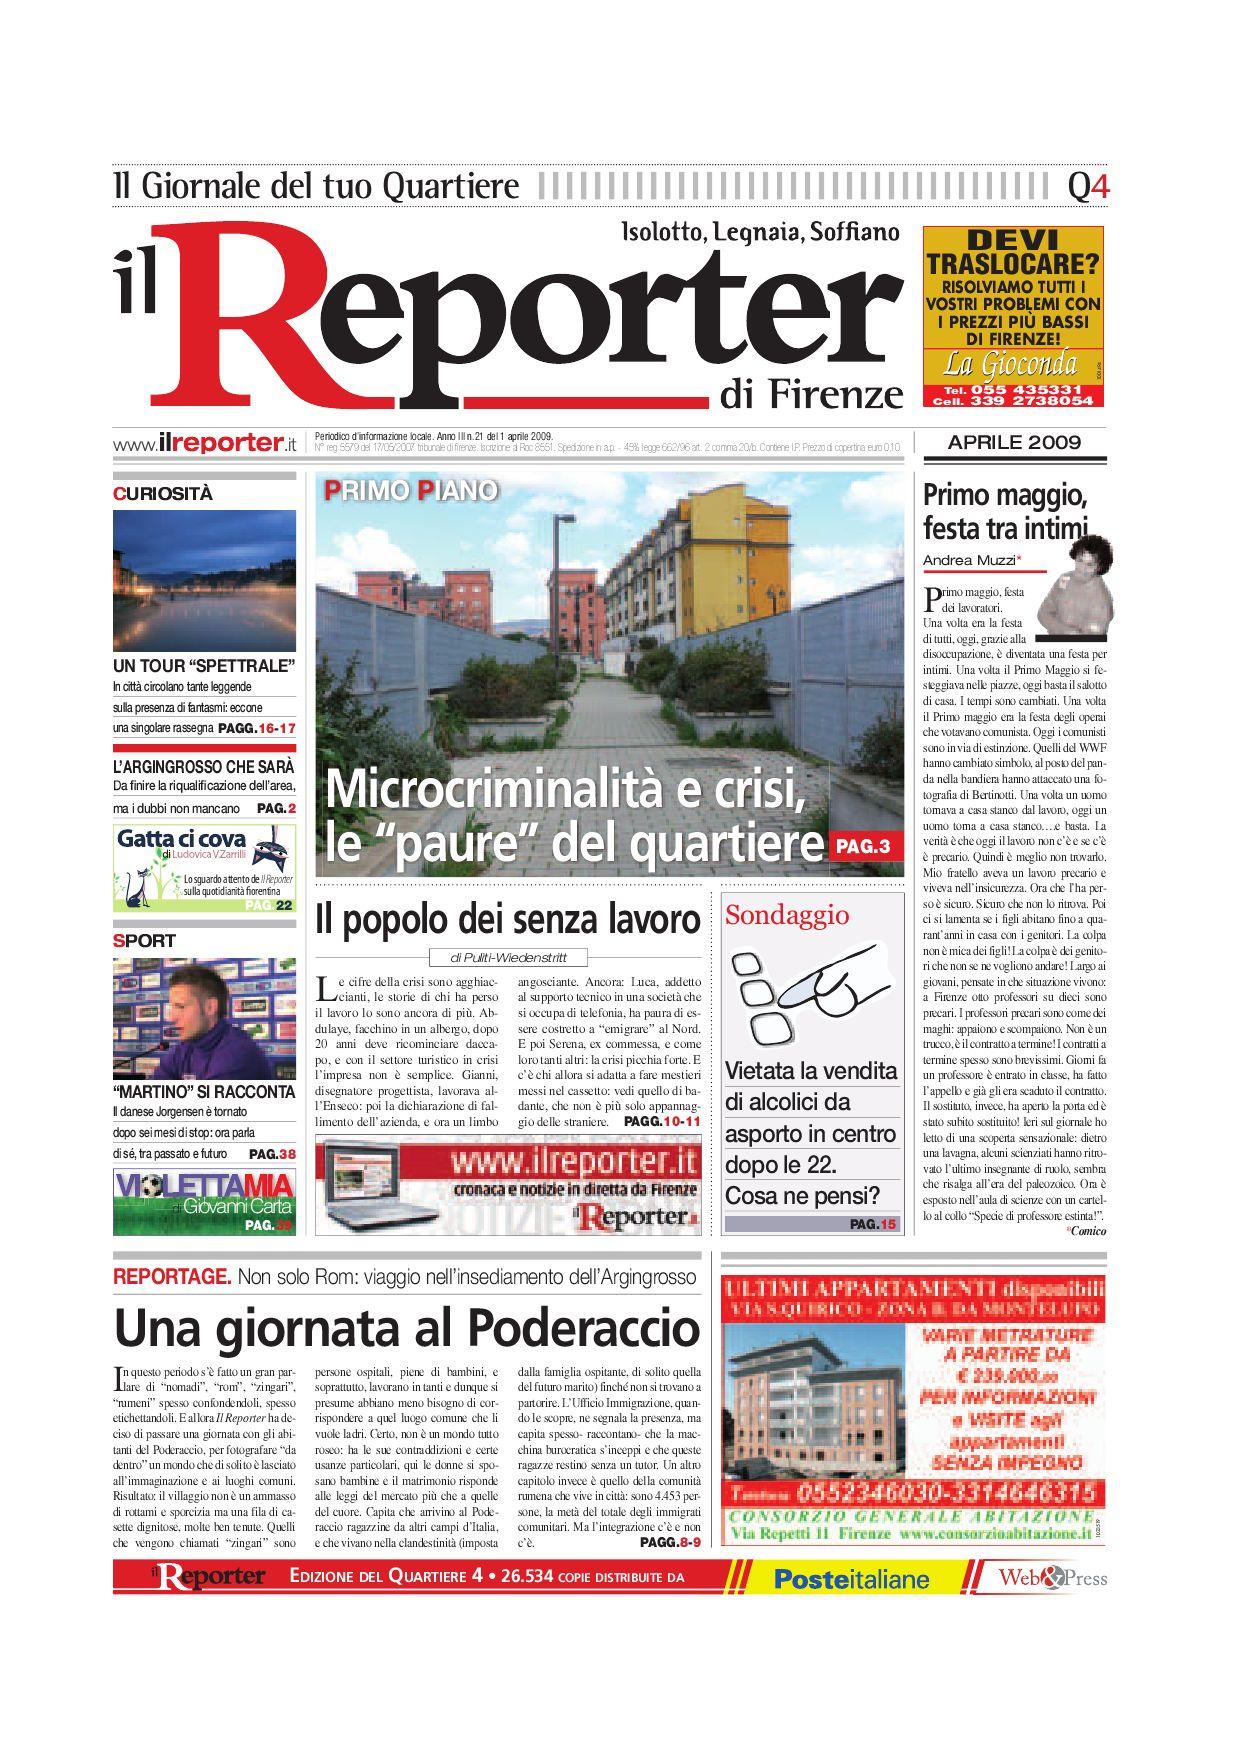 b4ae96a753fe Il reporter-Quartiere 4-aprile 2009 by ilreporter - issuu